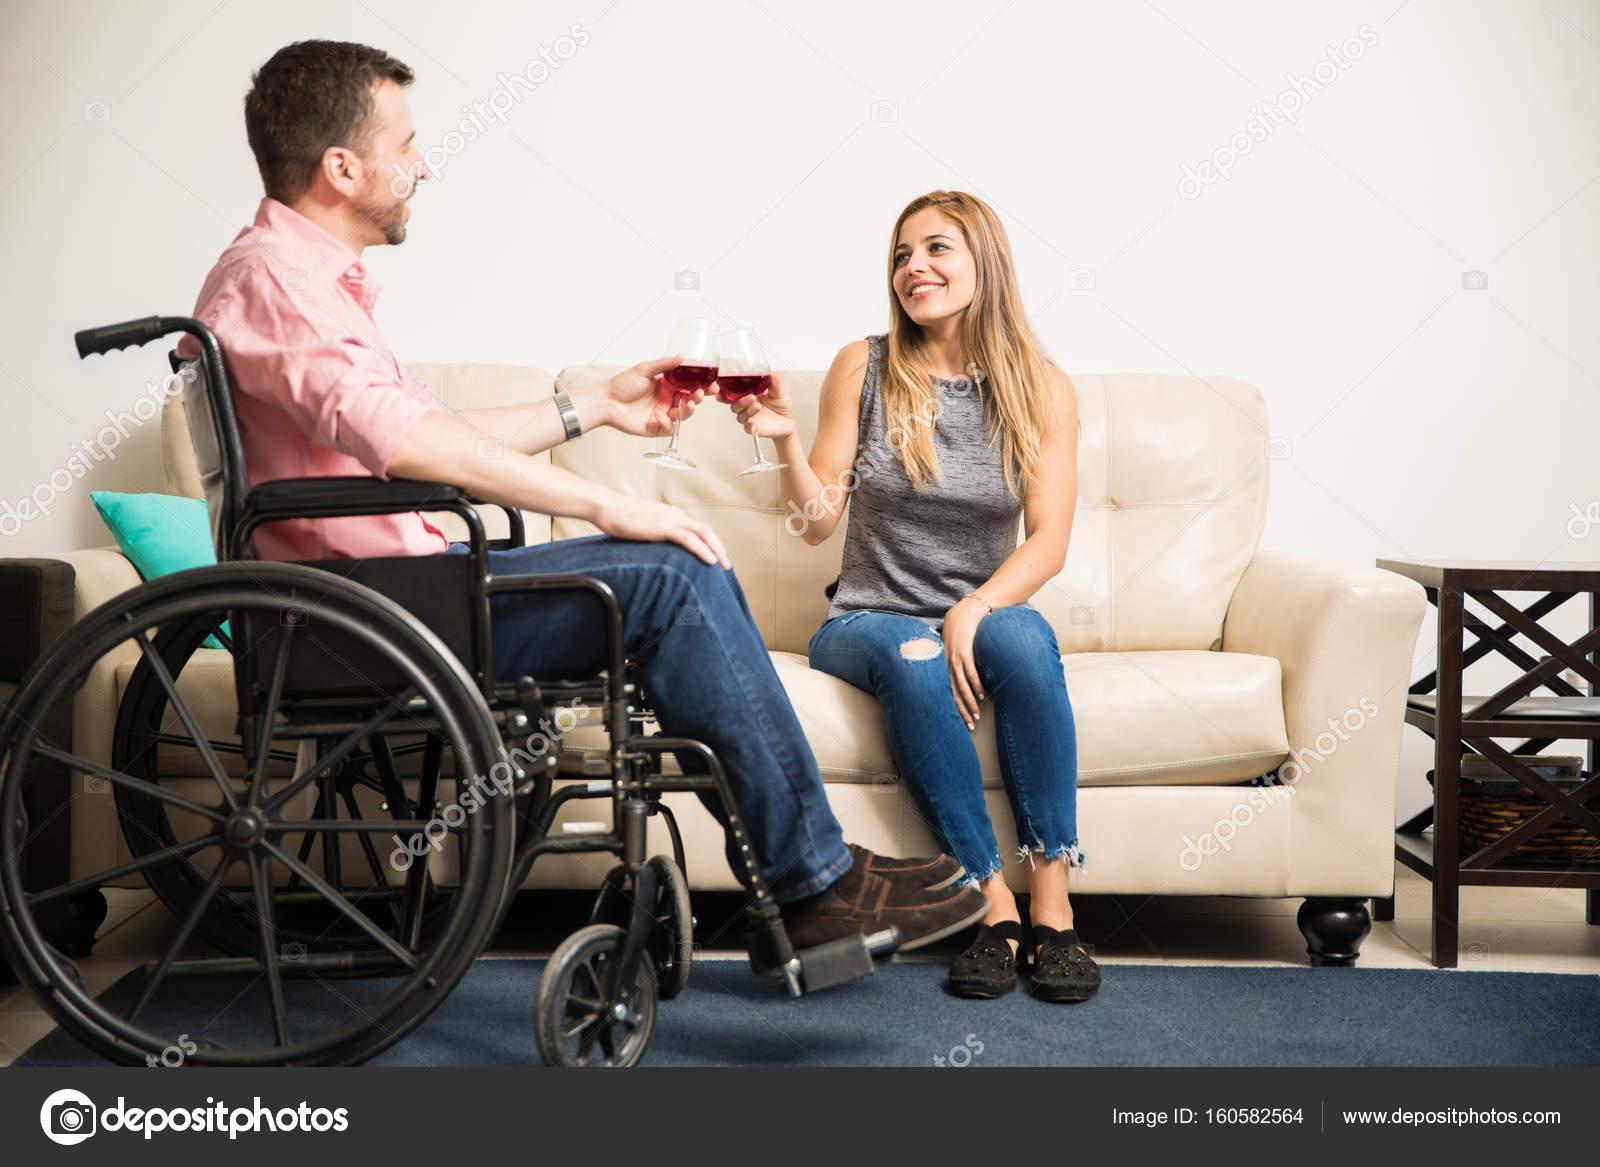 datazione ragazzo in sedia a rotelle siti di incontri Wellington NZ